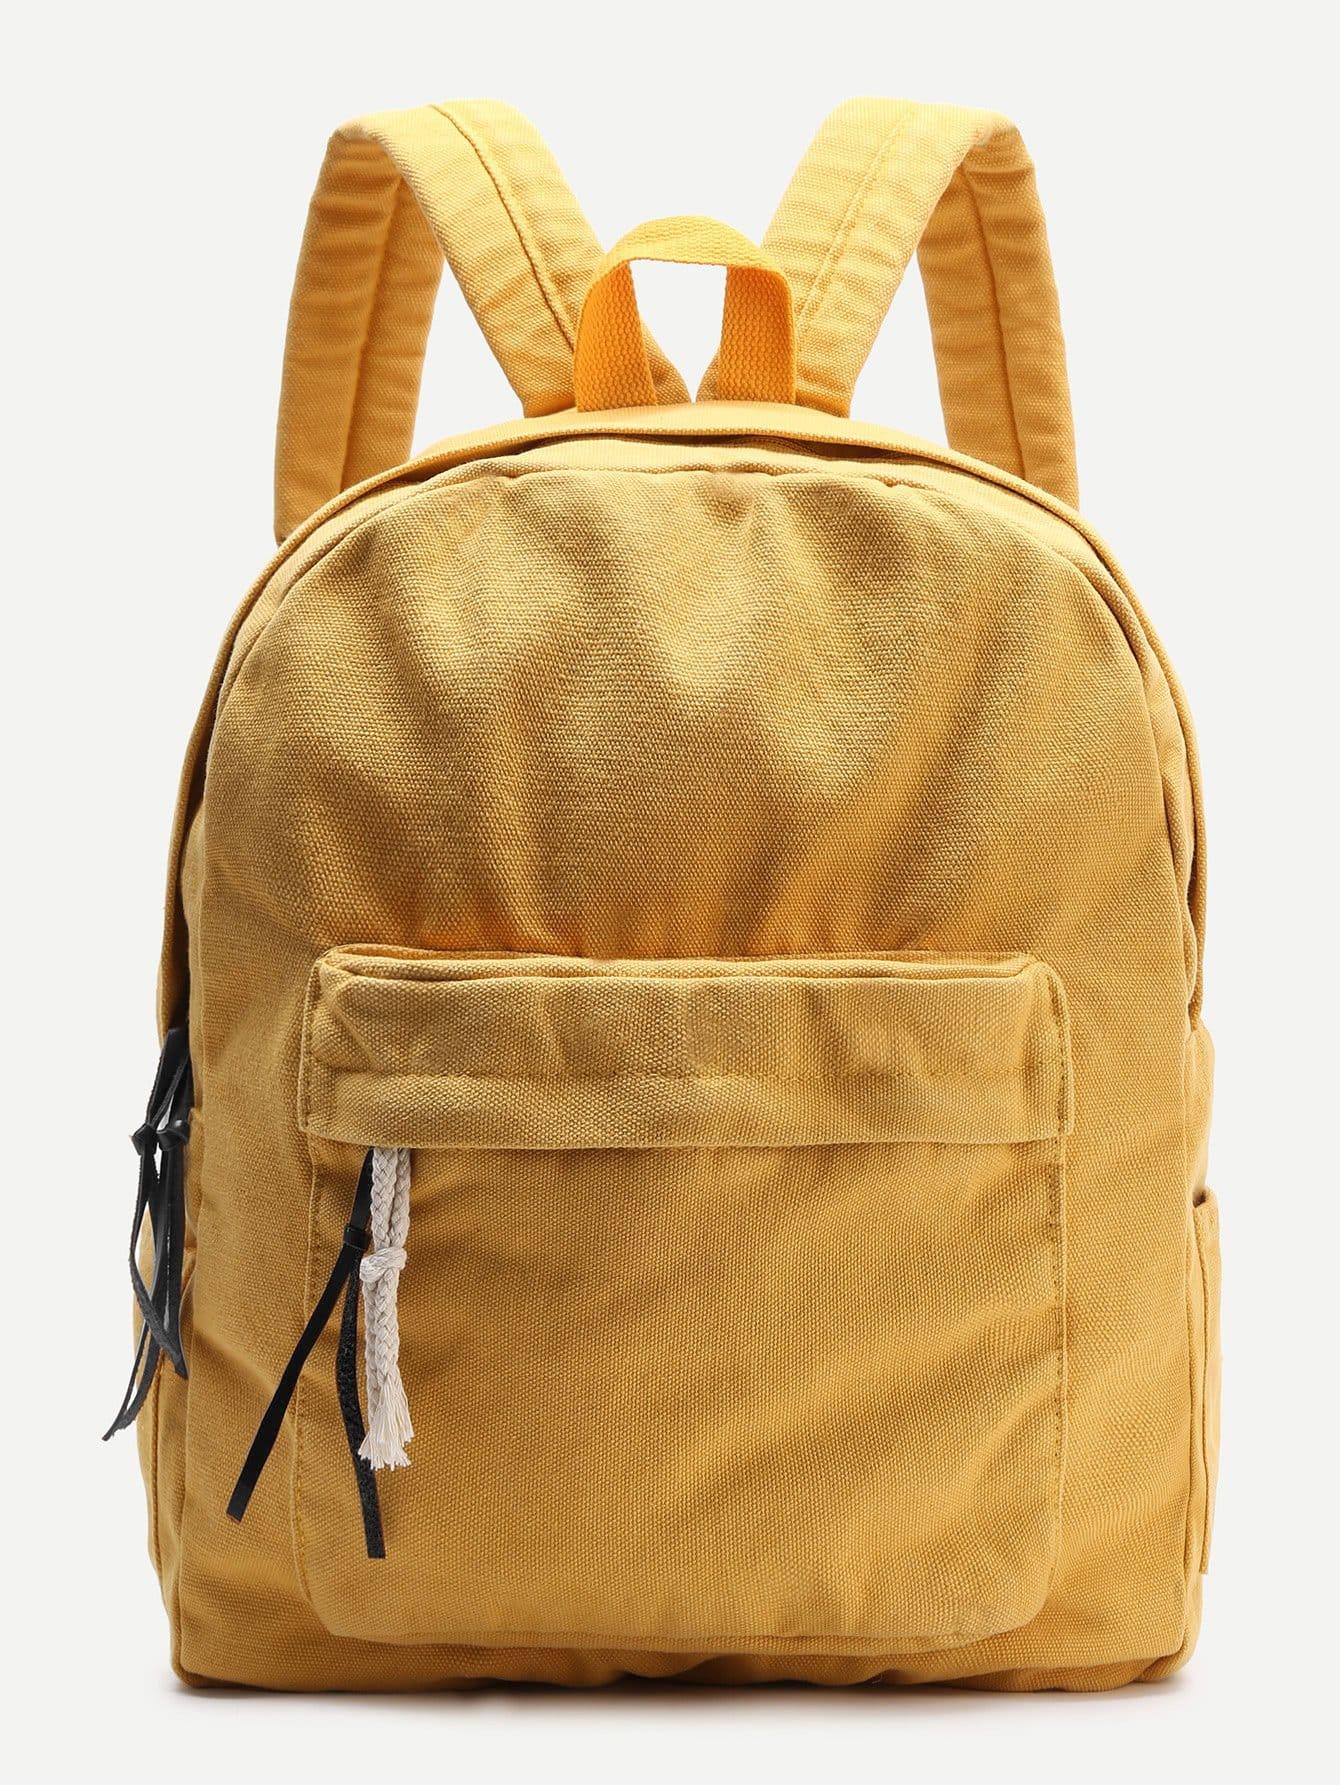 Купить со скидкой Yellow Zipper Front Canvas Backpack